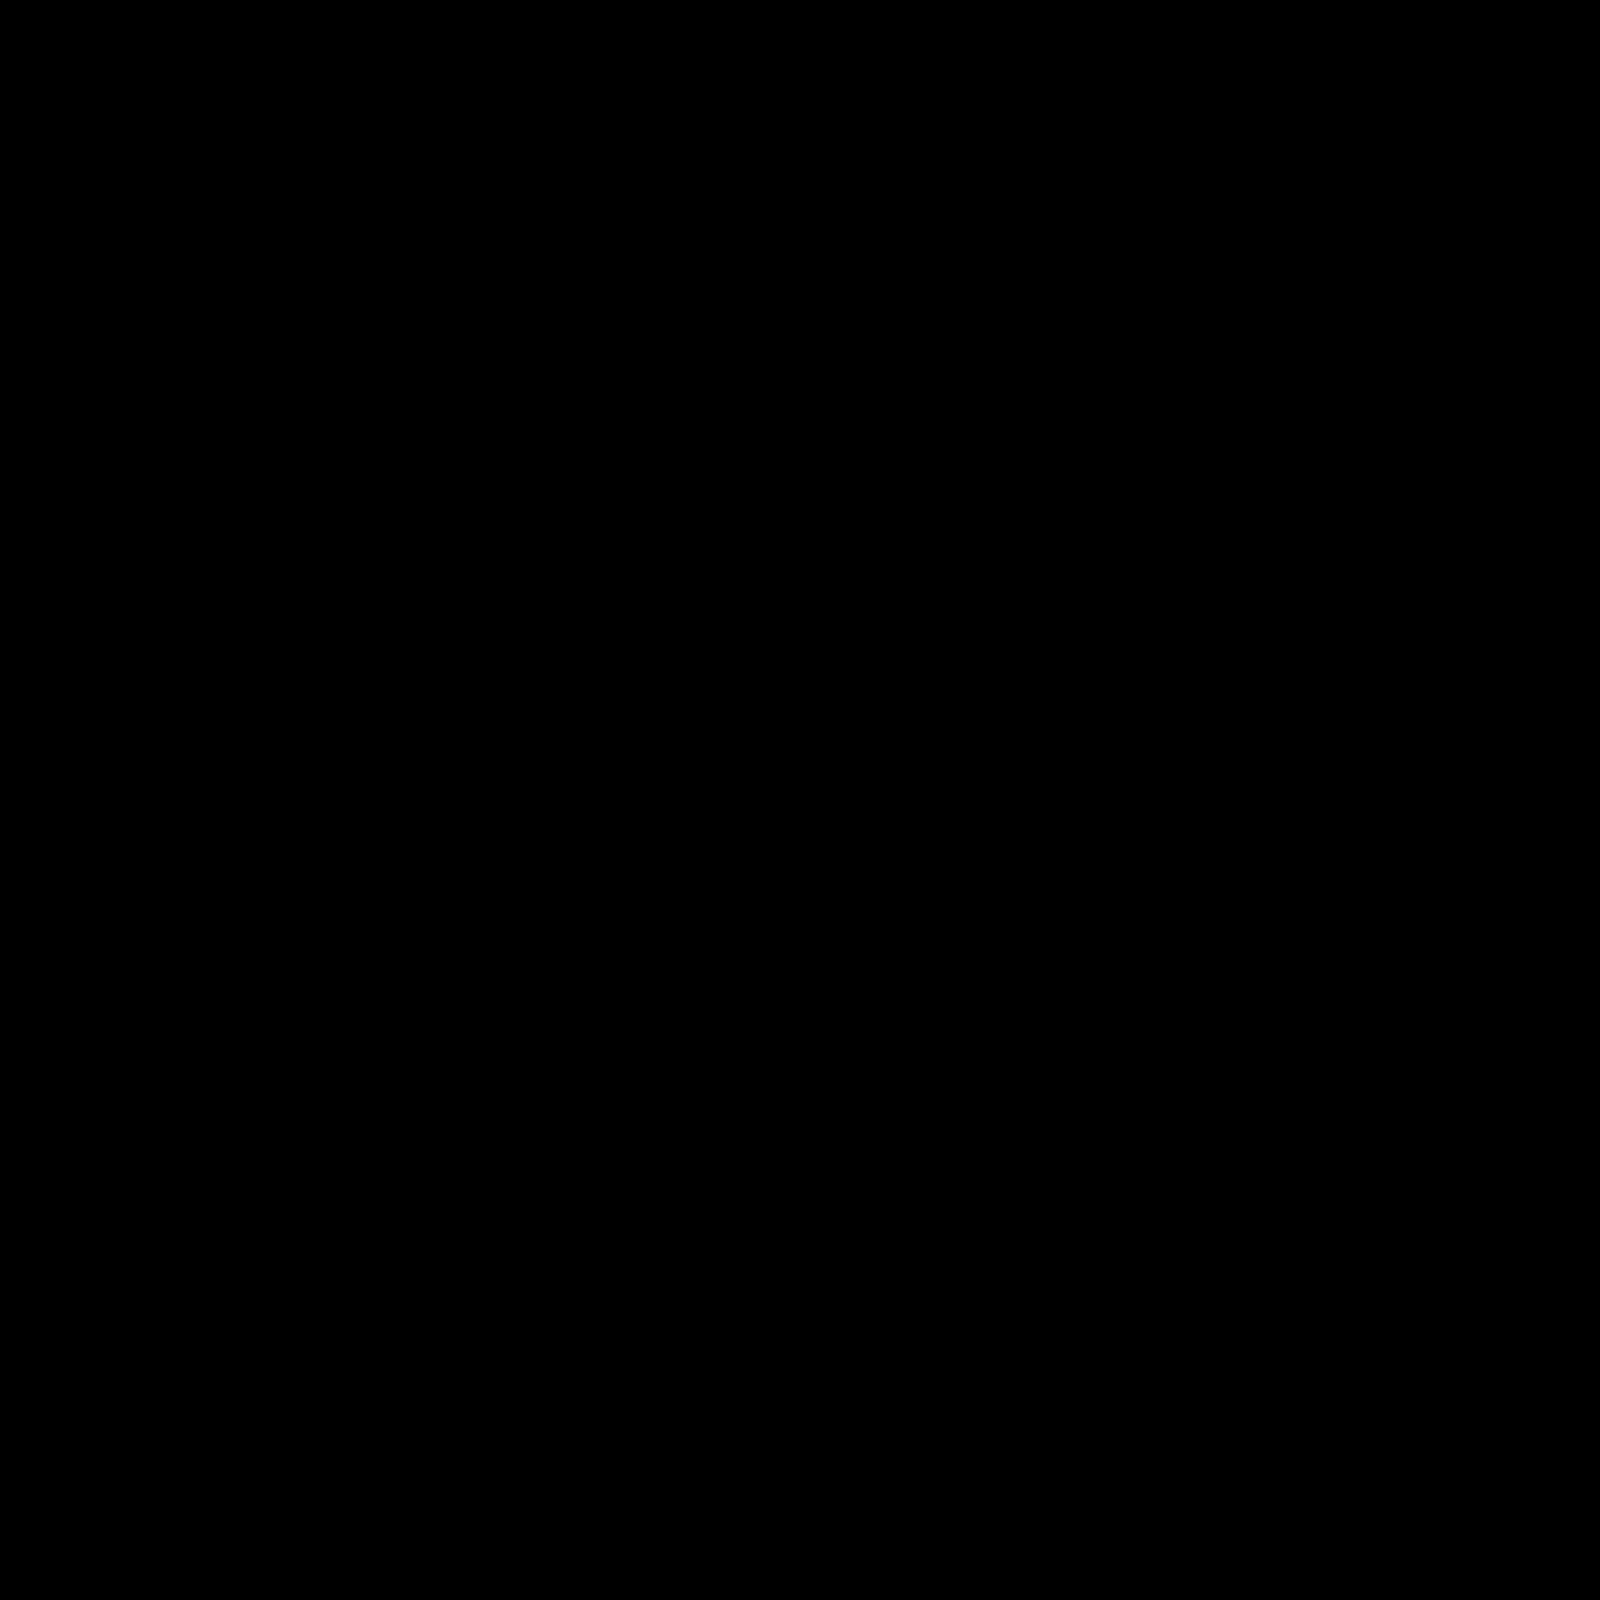 Circled Z icon